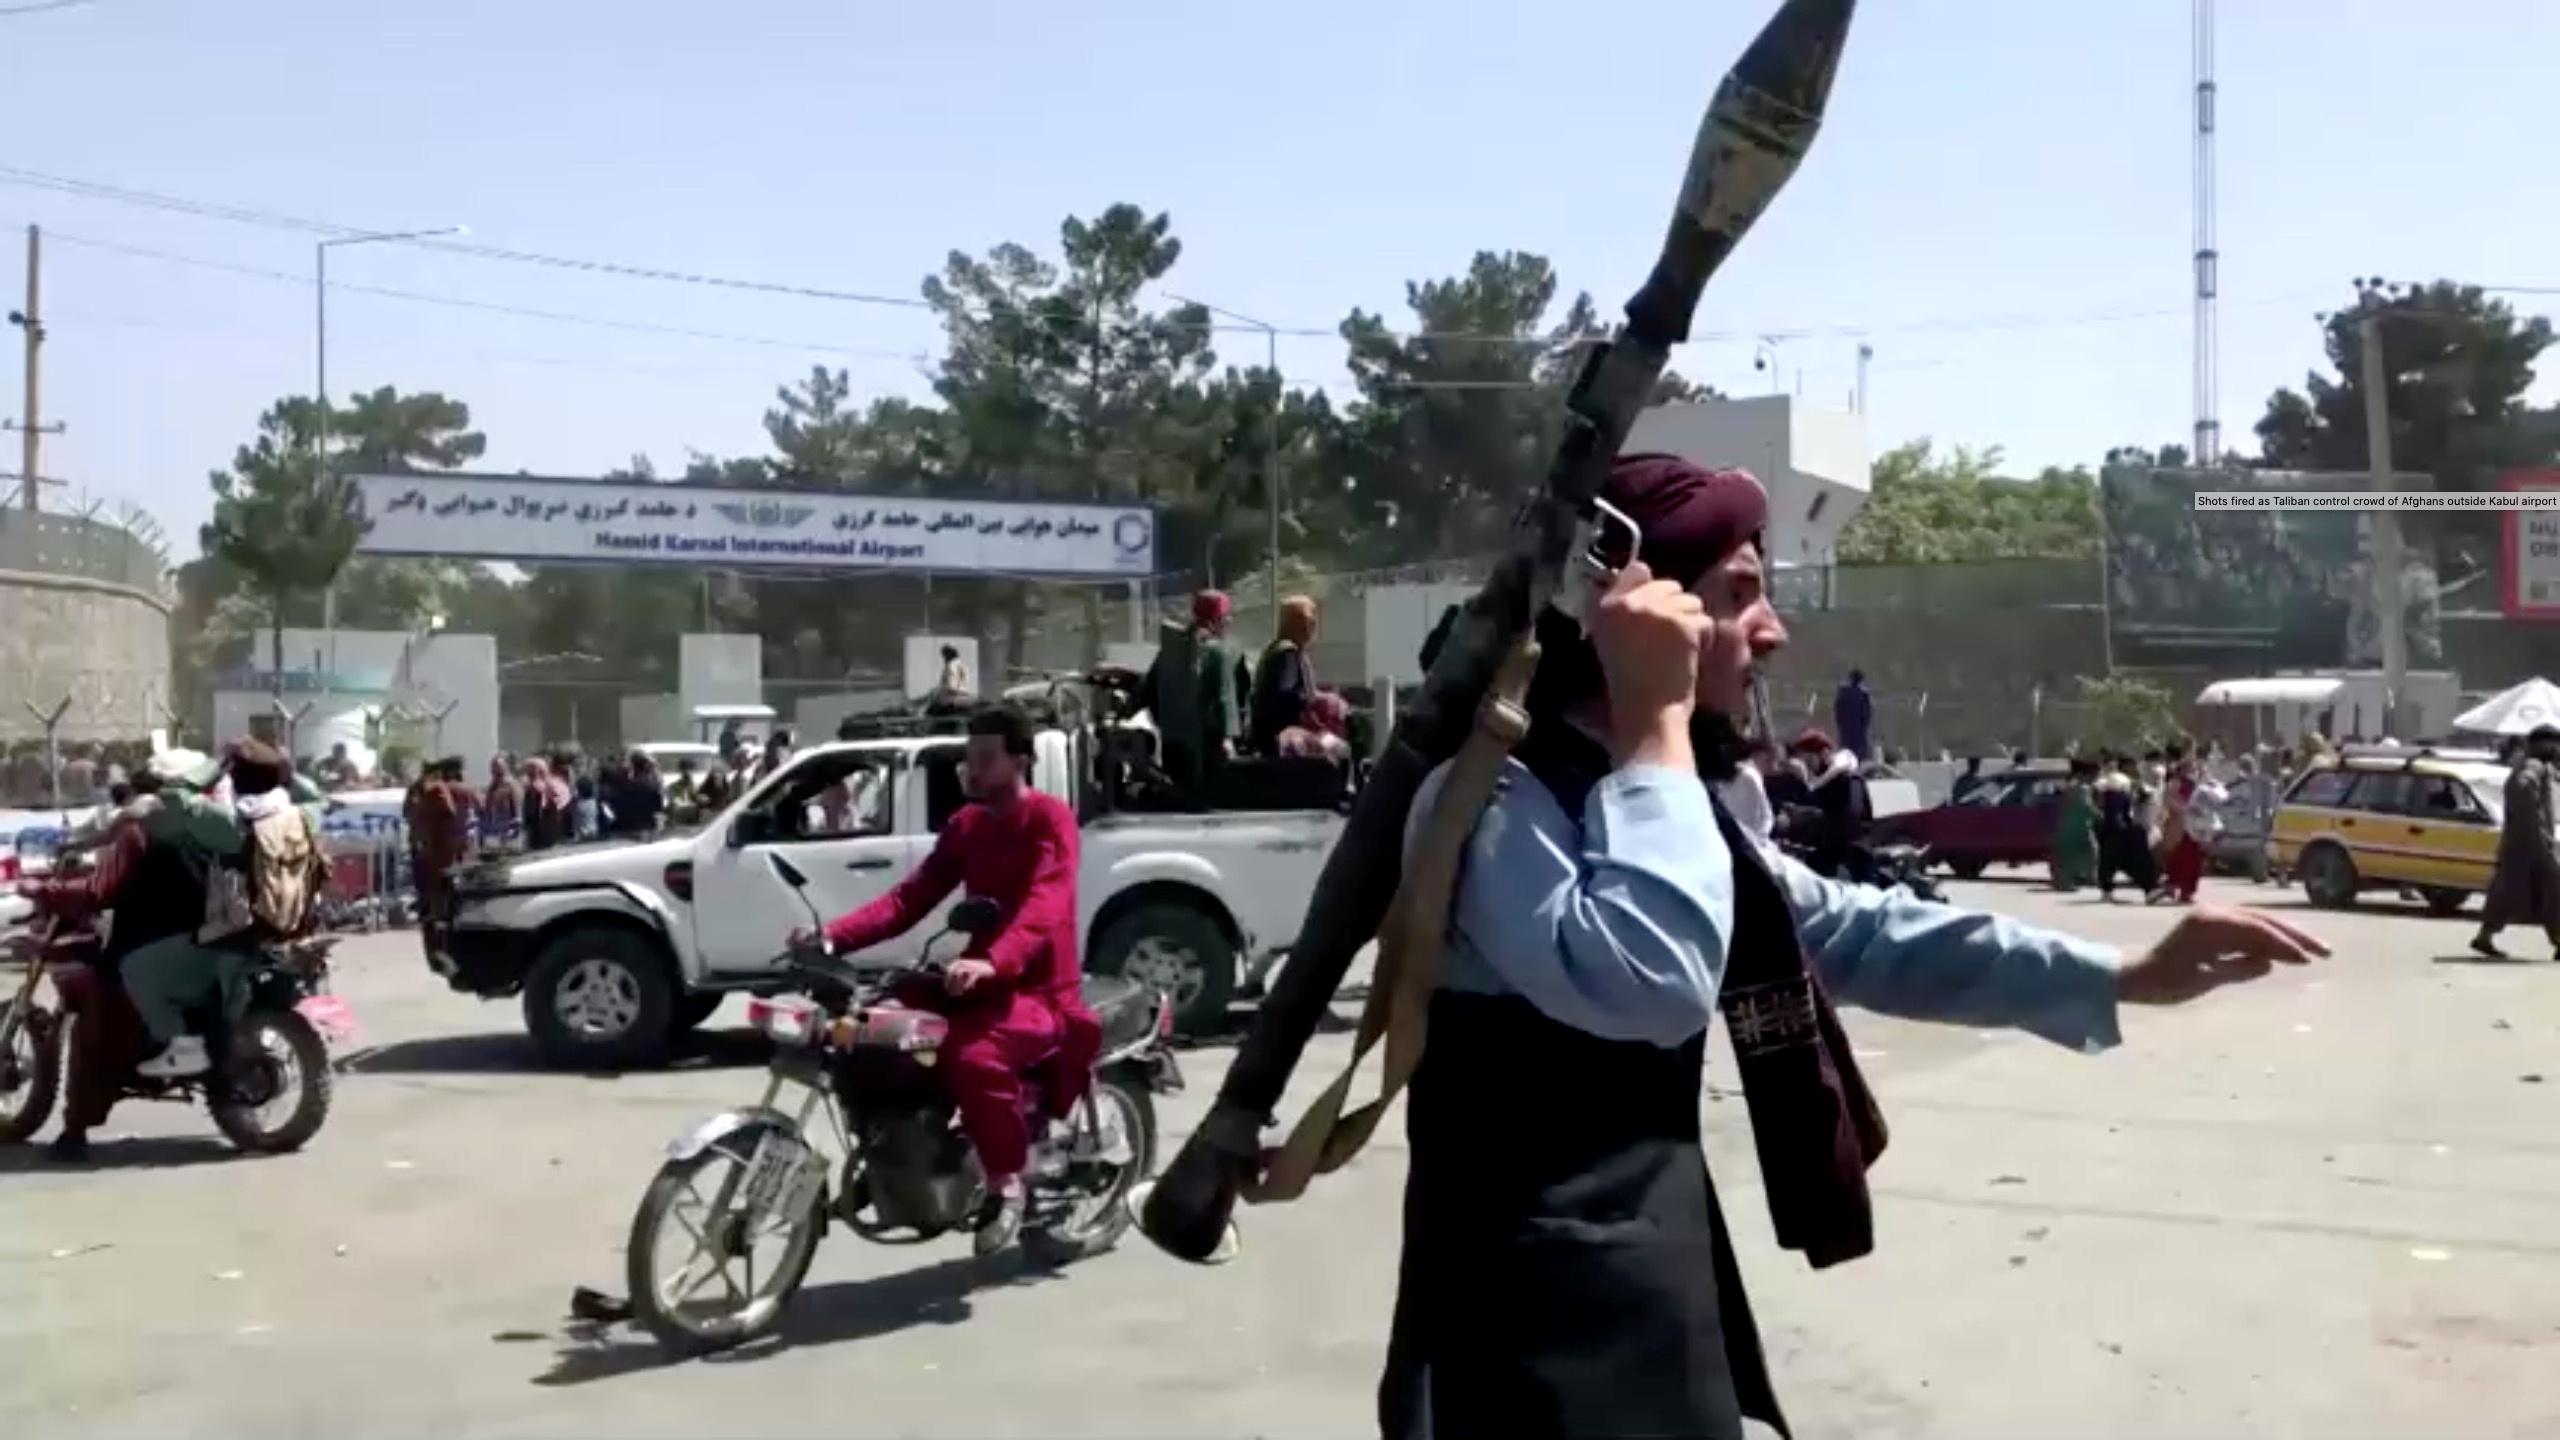 Αφγανιστάν – Ζοζέπ Μπορέλ: «Καταστροφική εξέλιξη» – Παγκόσμια ανασφάλεια από την επικράτηση των Ταλιμπάν